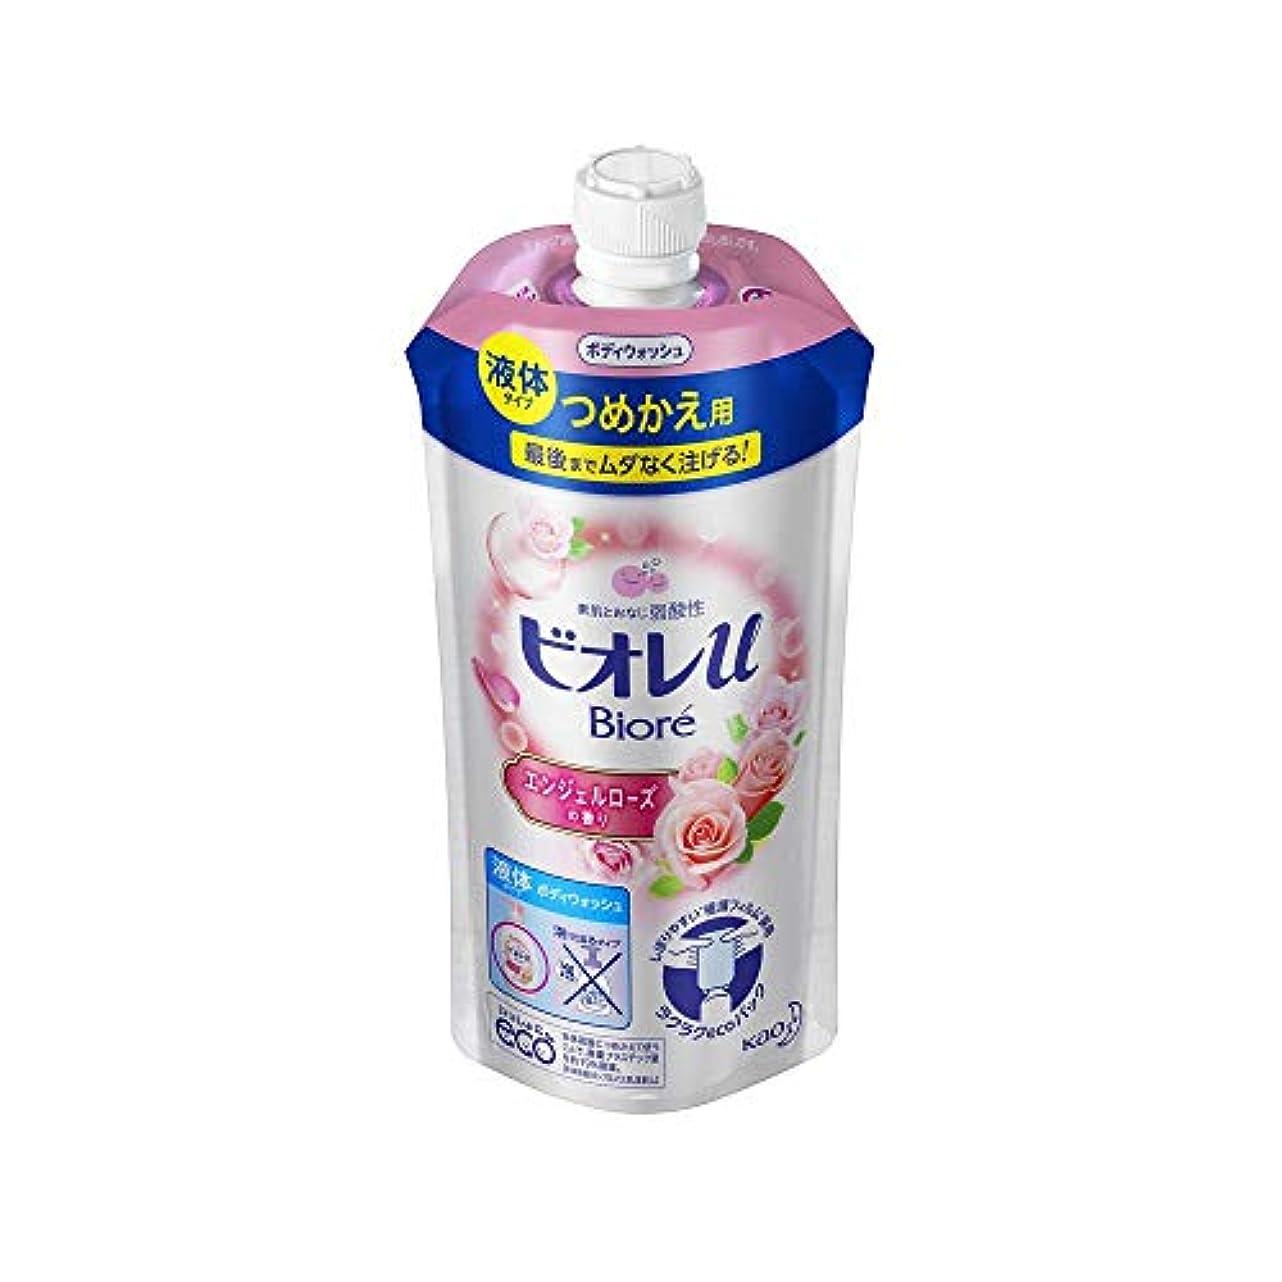 数学者最初レール花王 ビオレu エンジェルローズの香りつめかえ用 340ML